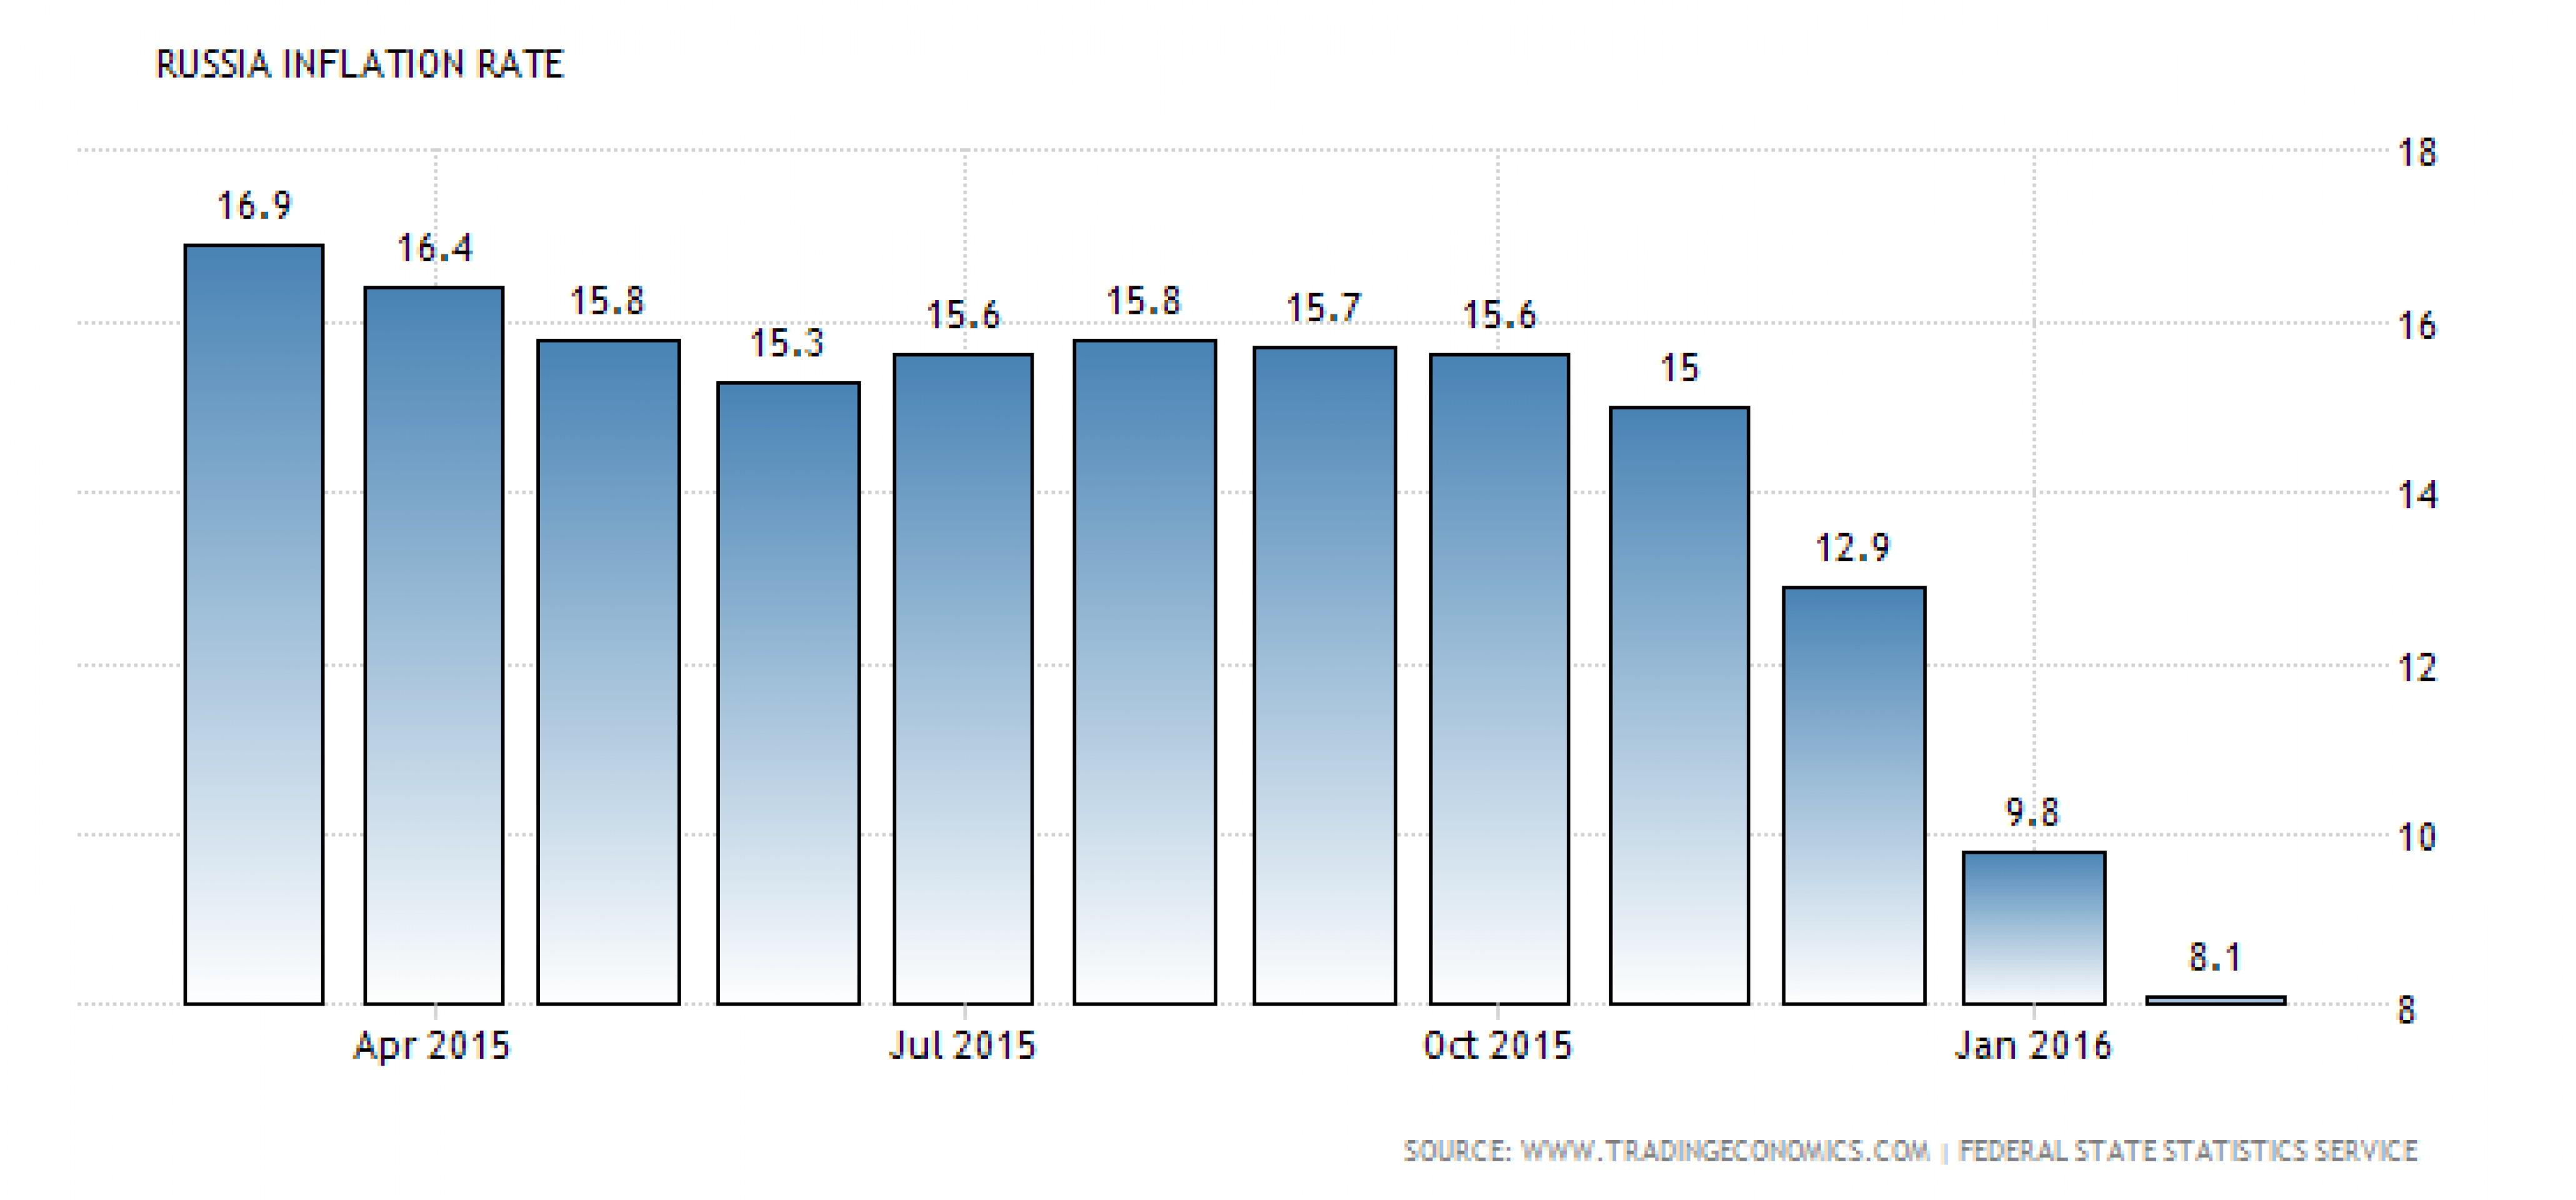 Где Bank of America усмотрел риск дефляции в РФ?